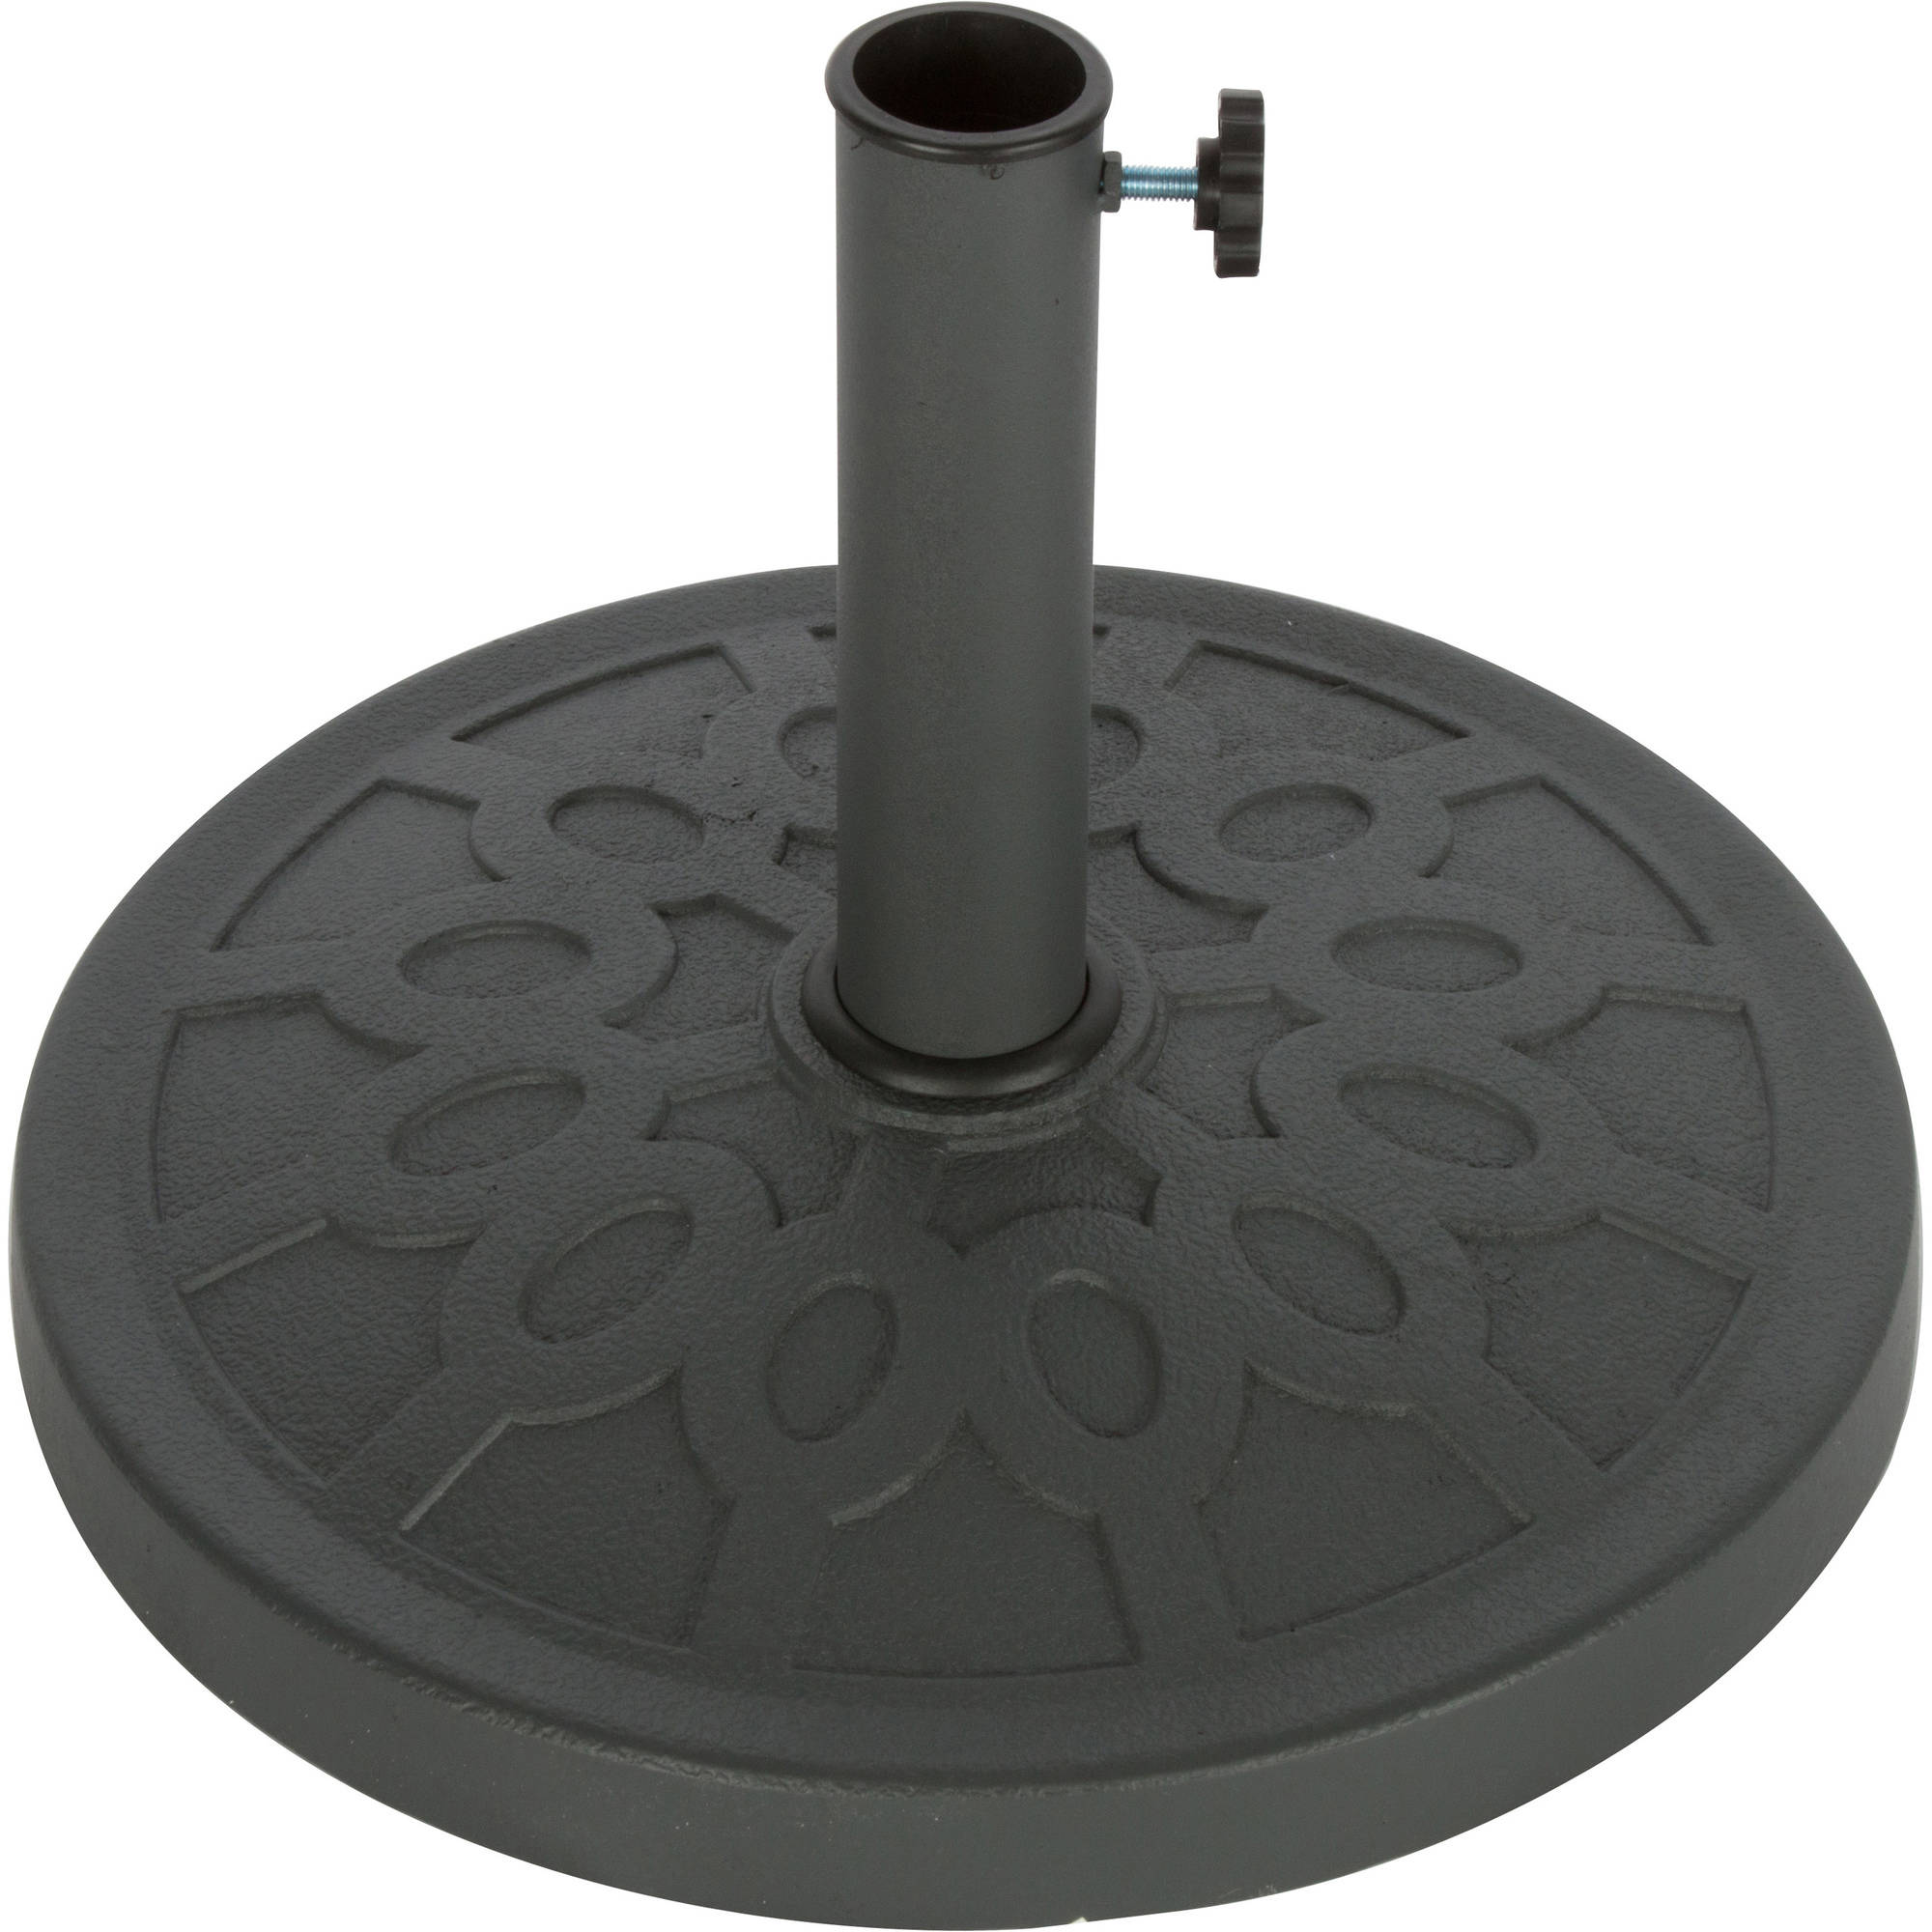 """Trademark Innovations Decorative Resin Umbrella Base, 17.5"""" Diameter"""